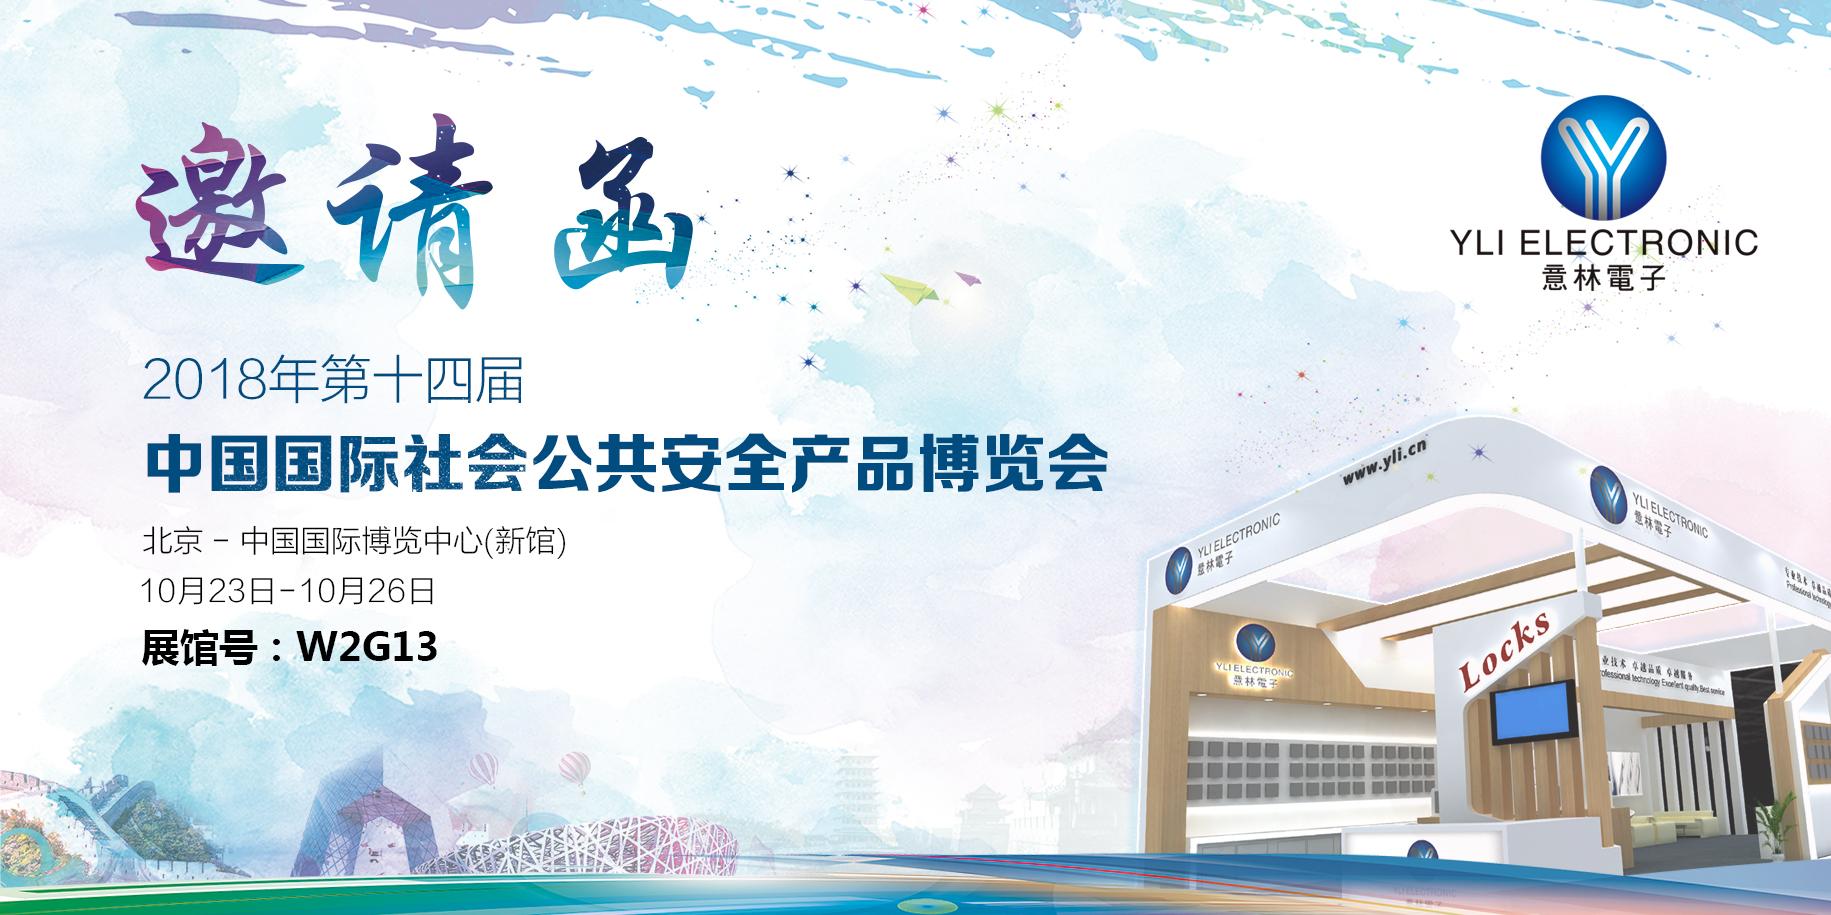 2018北京展会邀请函30RGB-1.jpg